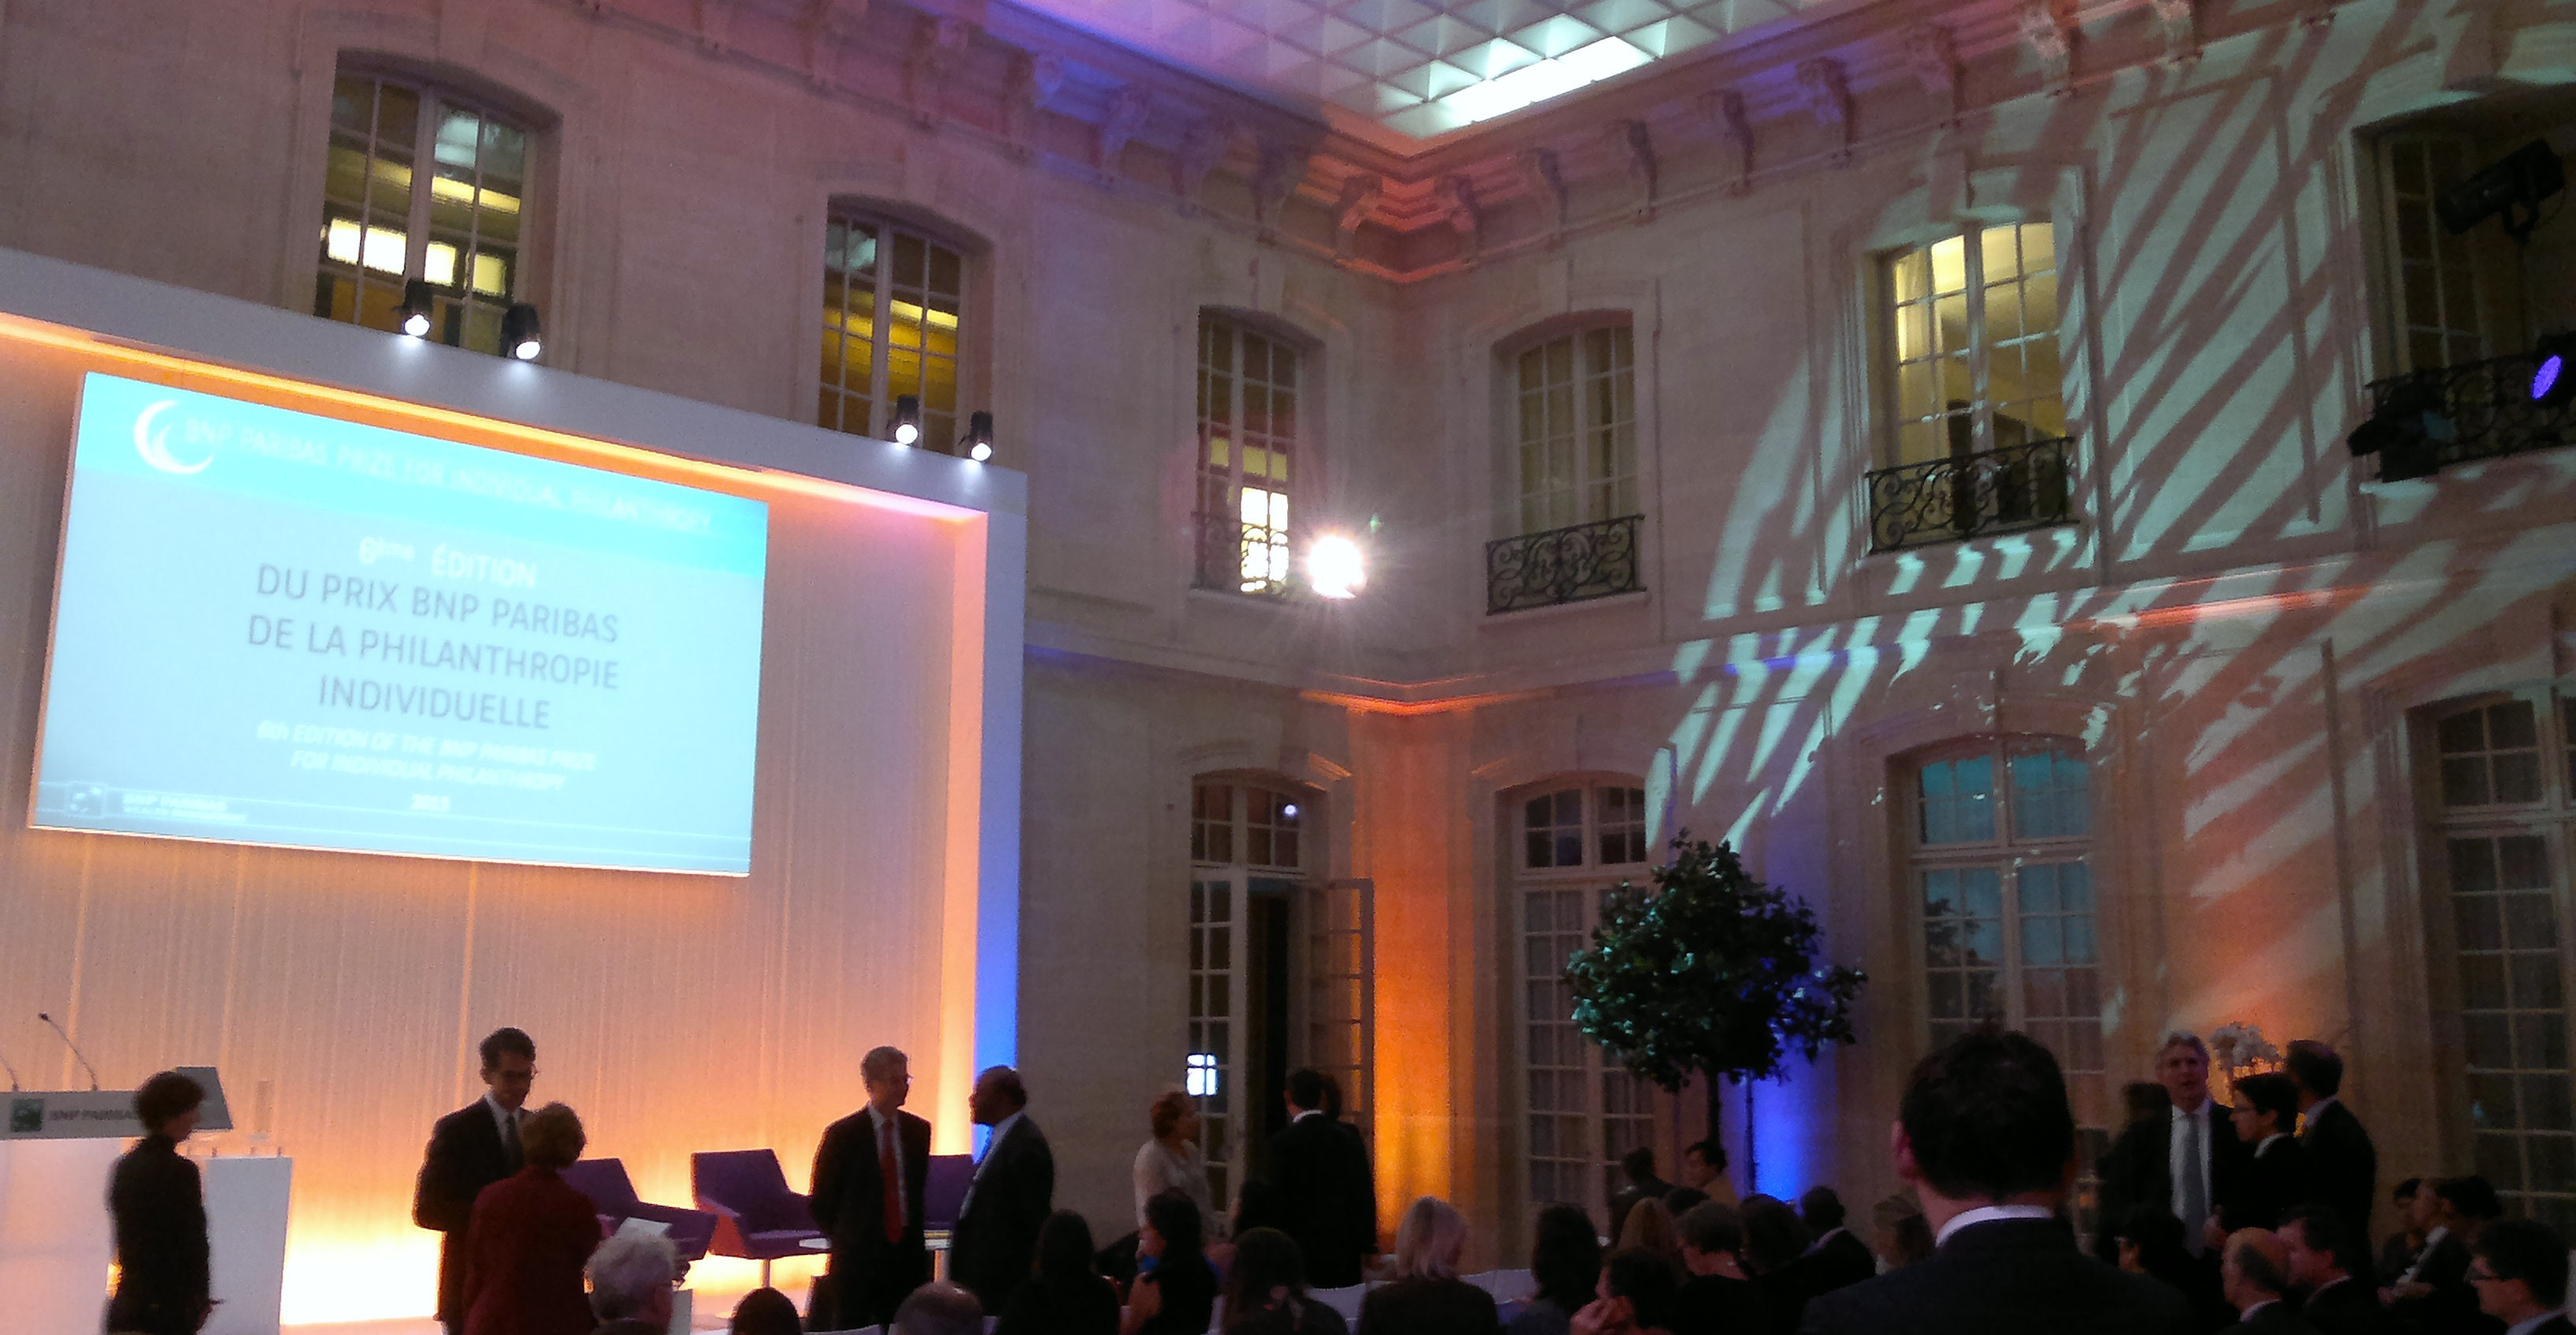 L'orangerie du 3 rue d'Antin, palais particulier où Napoléon épousa Joséphine quand il faisait office de mairie, accueille la remise du prix BNP Paribas de la philanthropie individuelle. (photo © GPouzin)